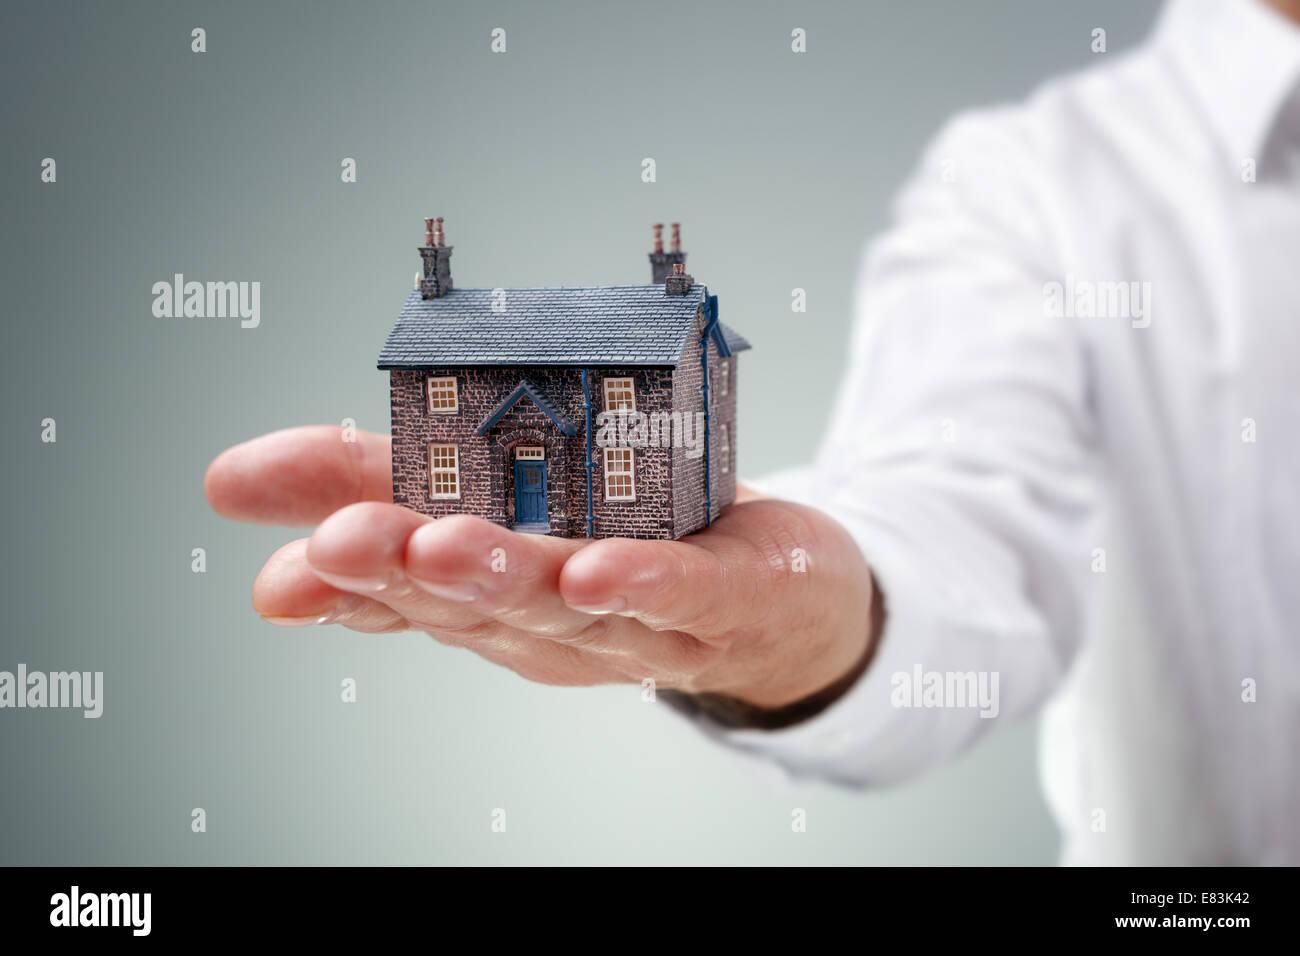 Annunci immobiliari Immagini Stock